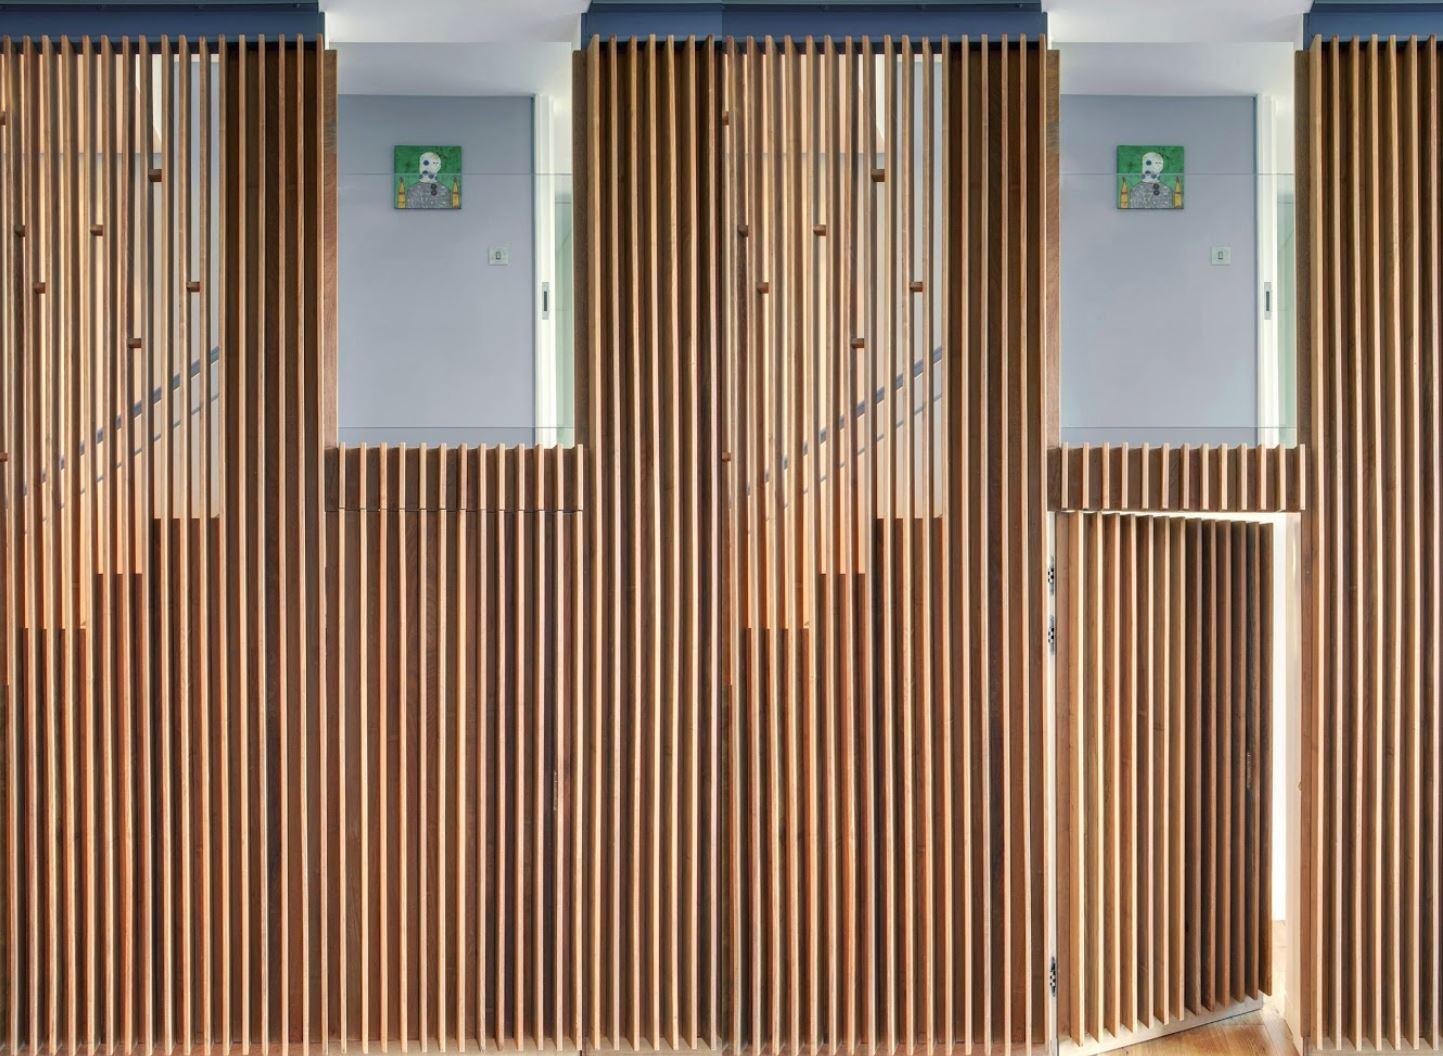 Planos y casas planos de casas plantas arquitect nicas - Separador de madera ...